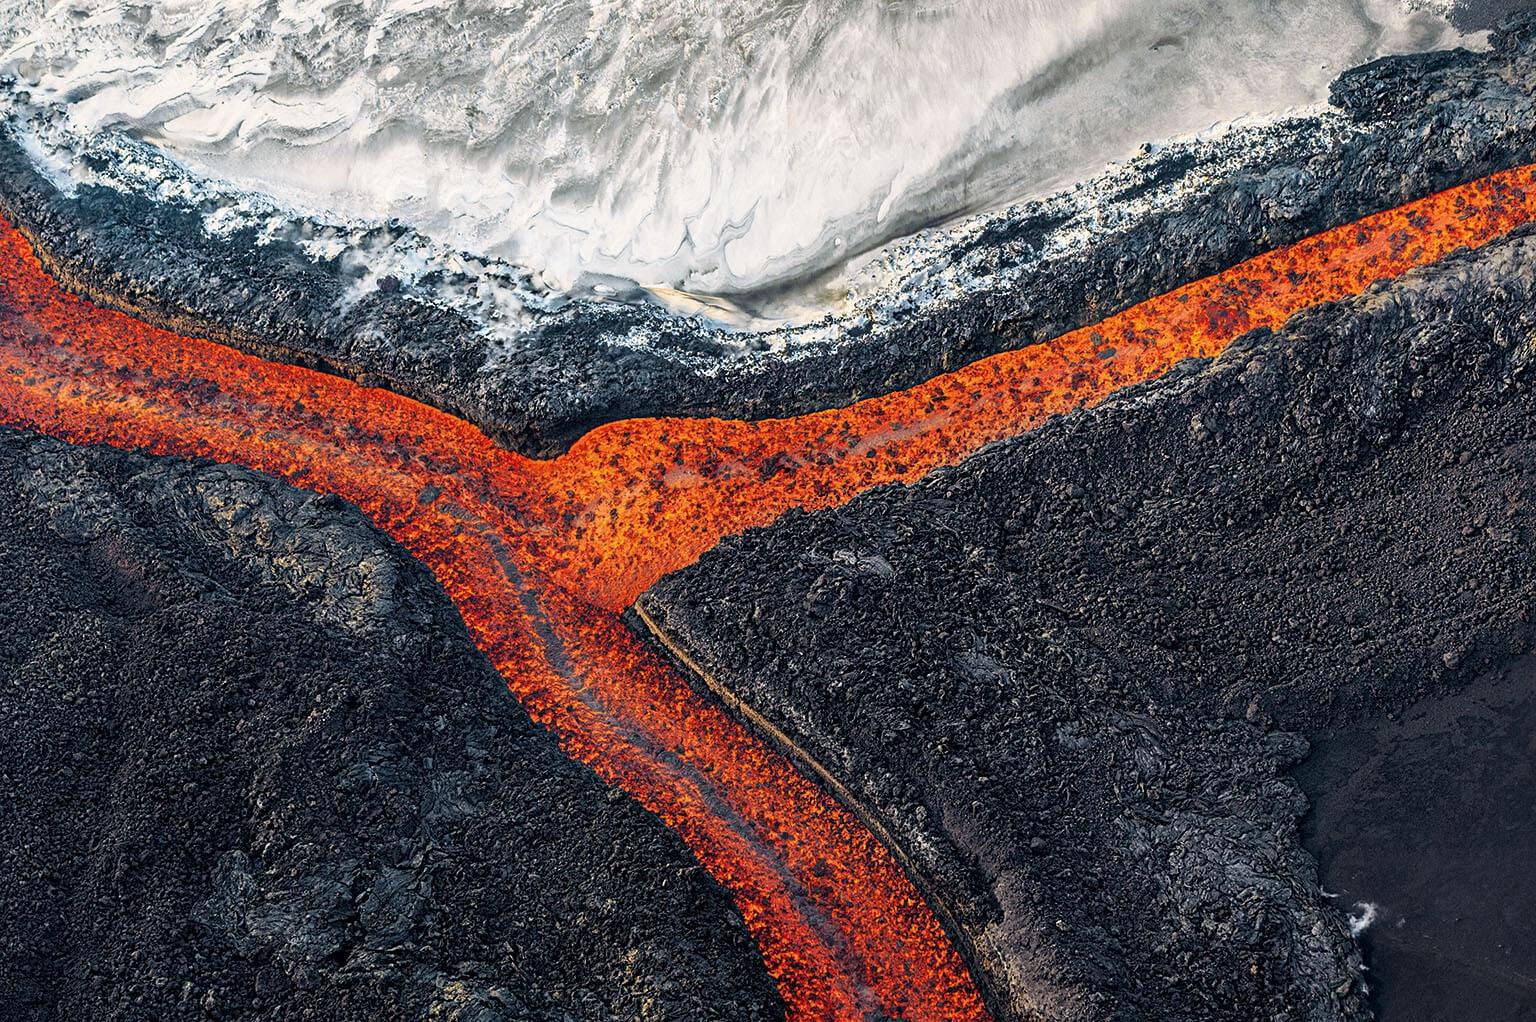 熔岩流在扎爾巴奇克火山白雪覆頂的山峰附近匯流(由右向左)。這座火山位於堪察加半島的克柳切夫自然公園。